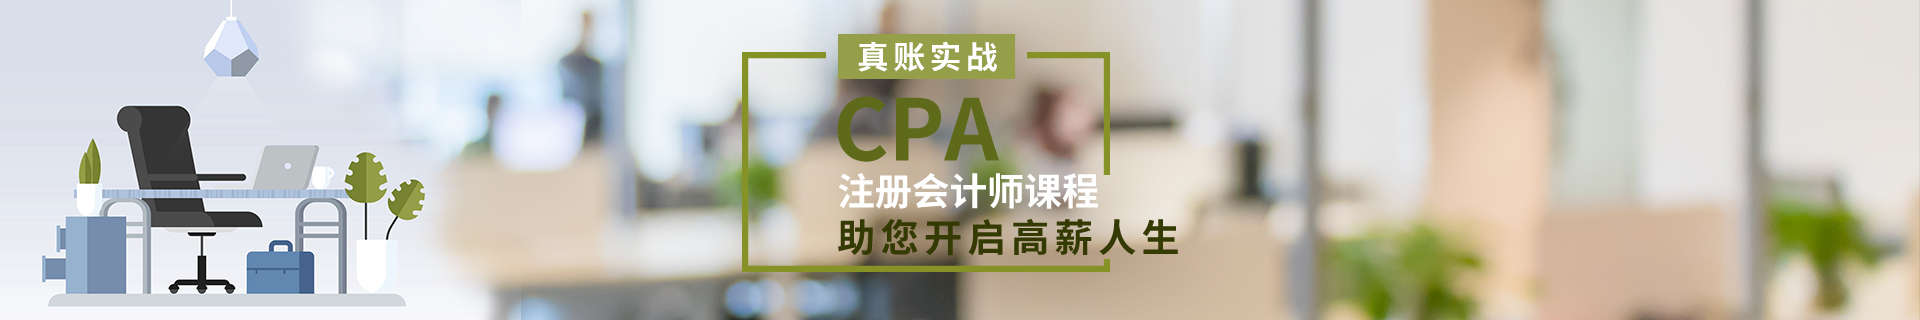 重庆渝中区麦积会计培训机构